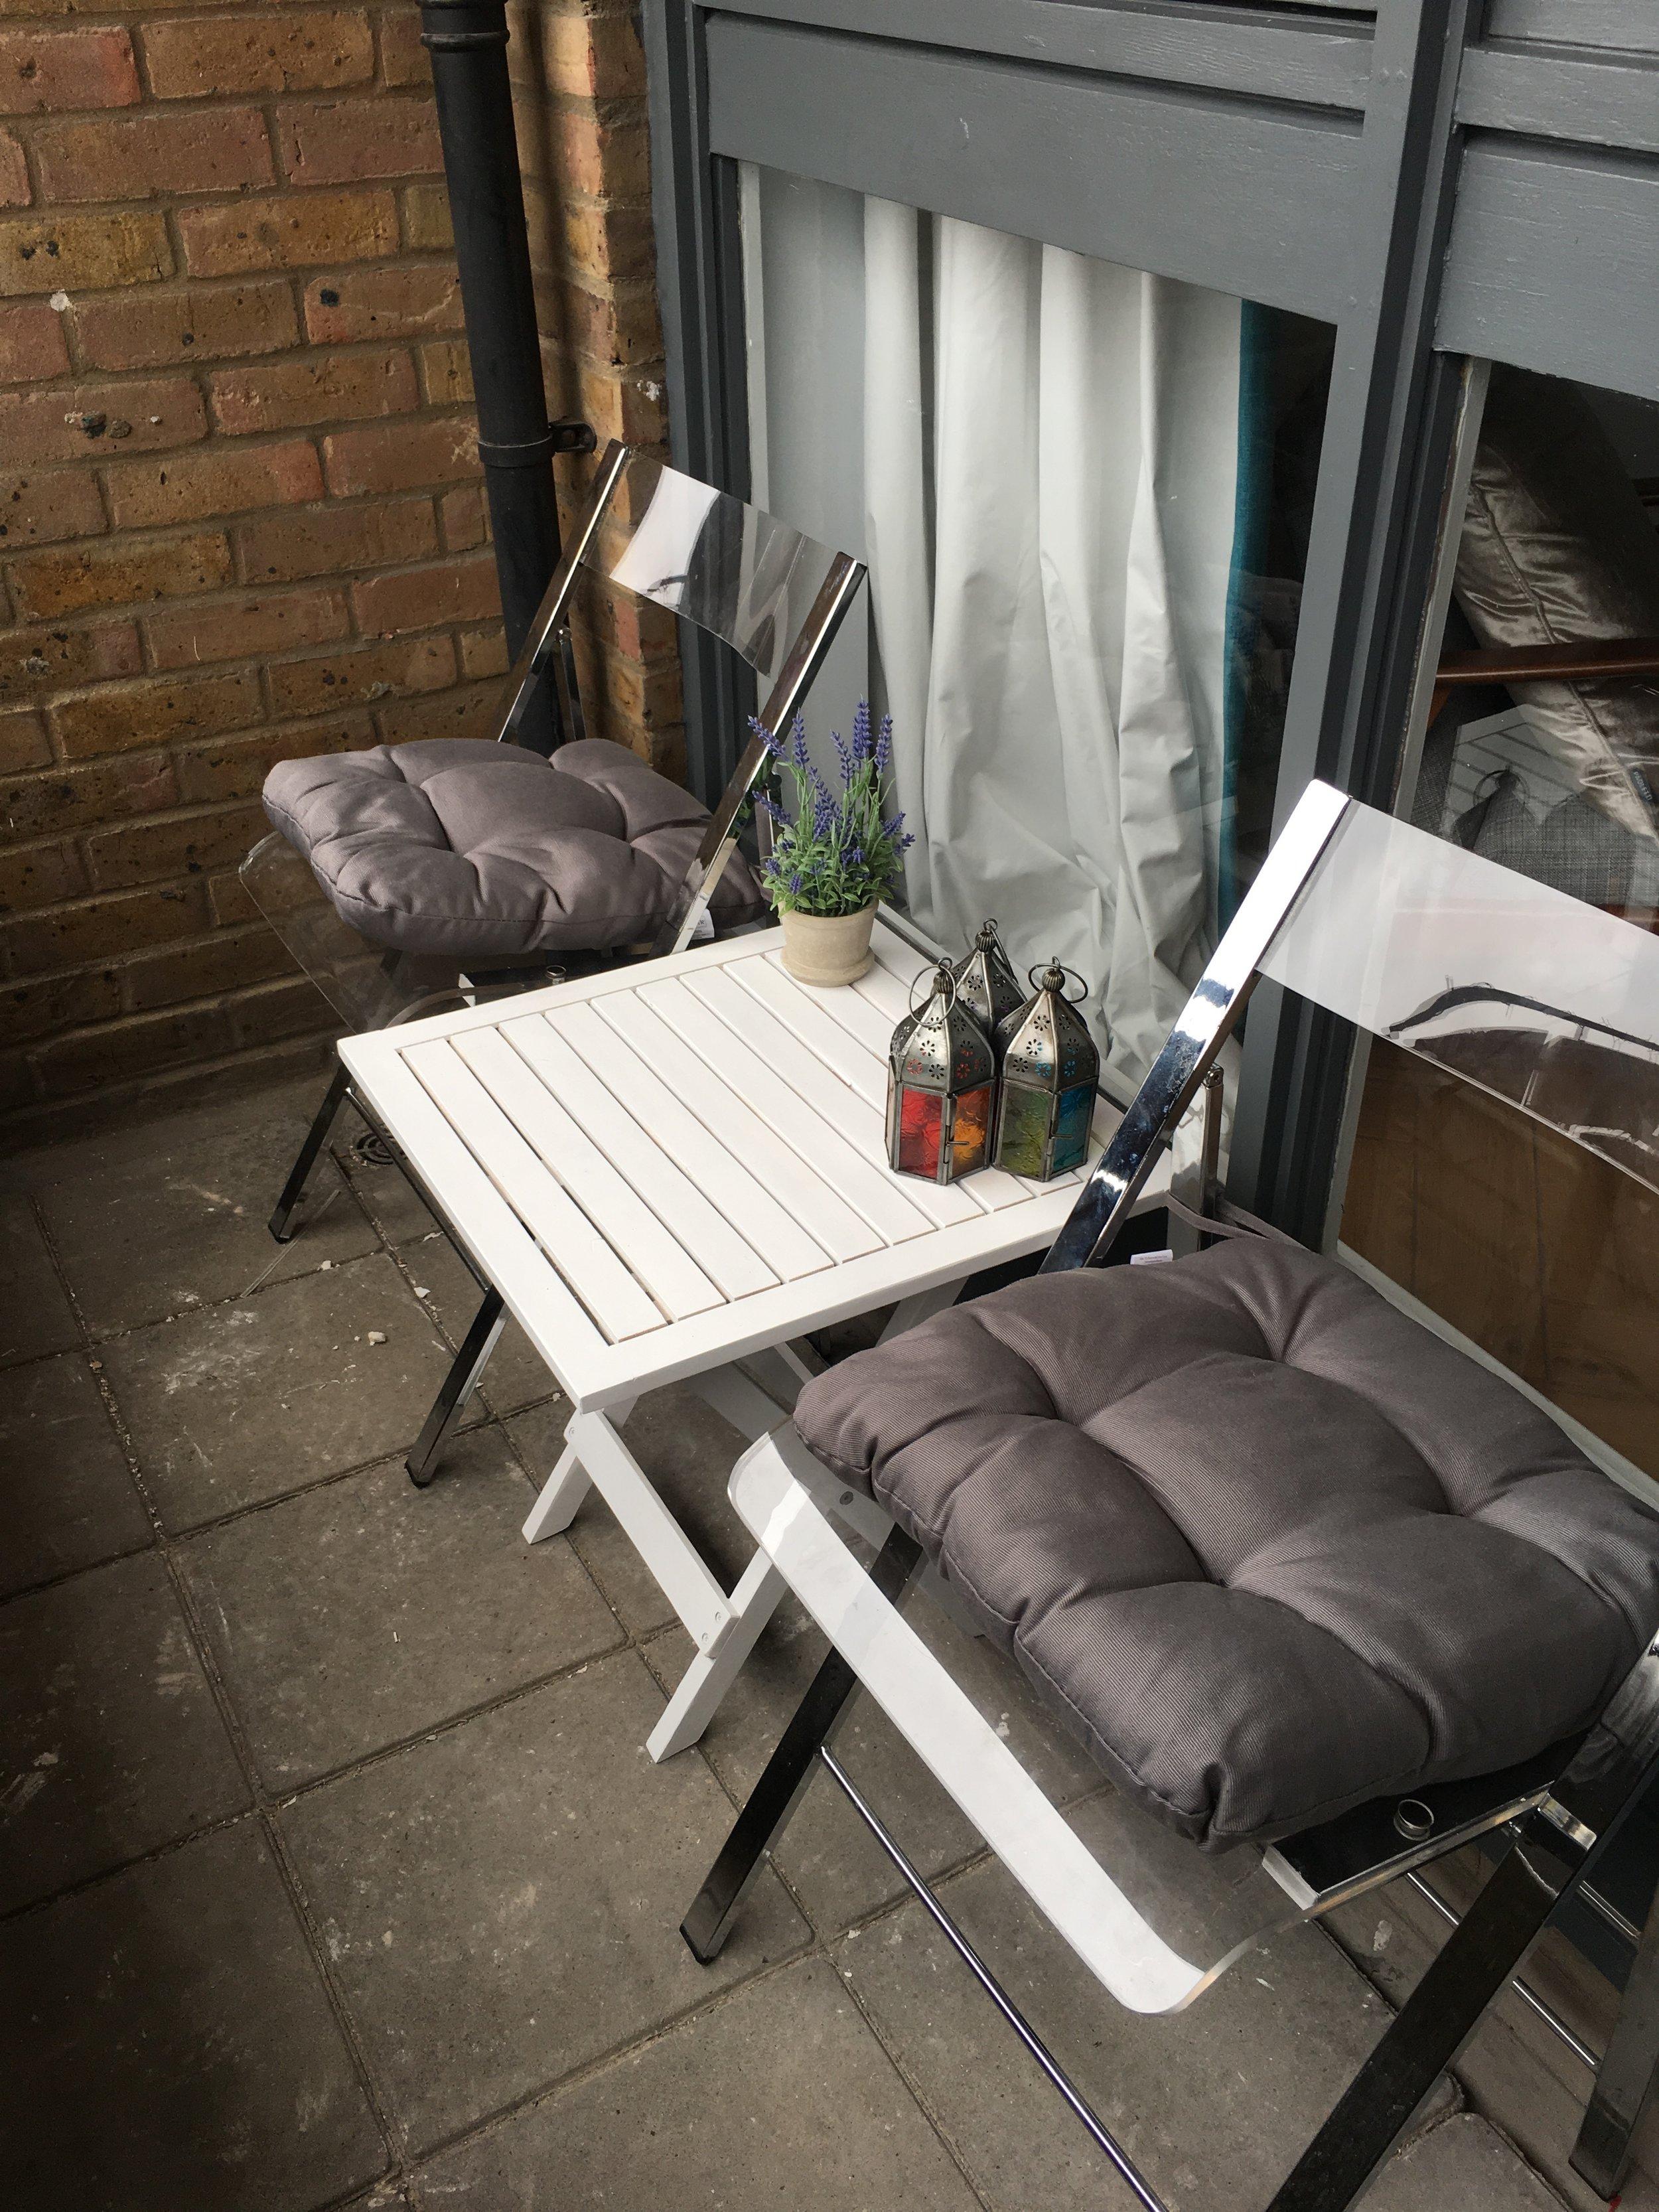 patio_chairs2.JPG